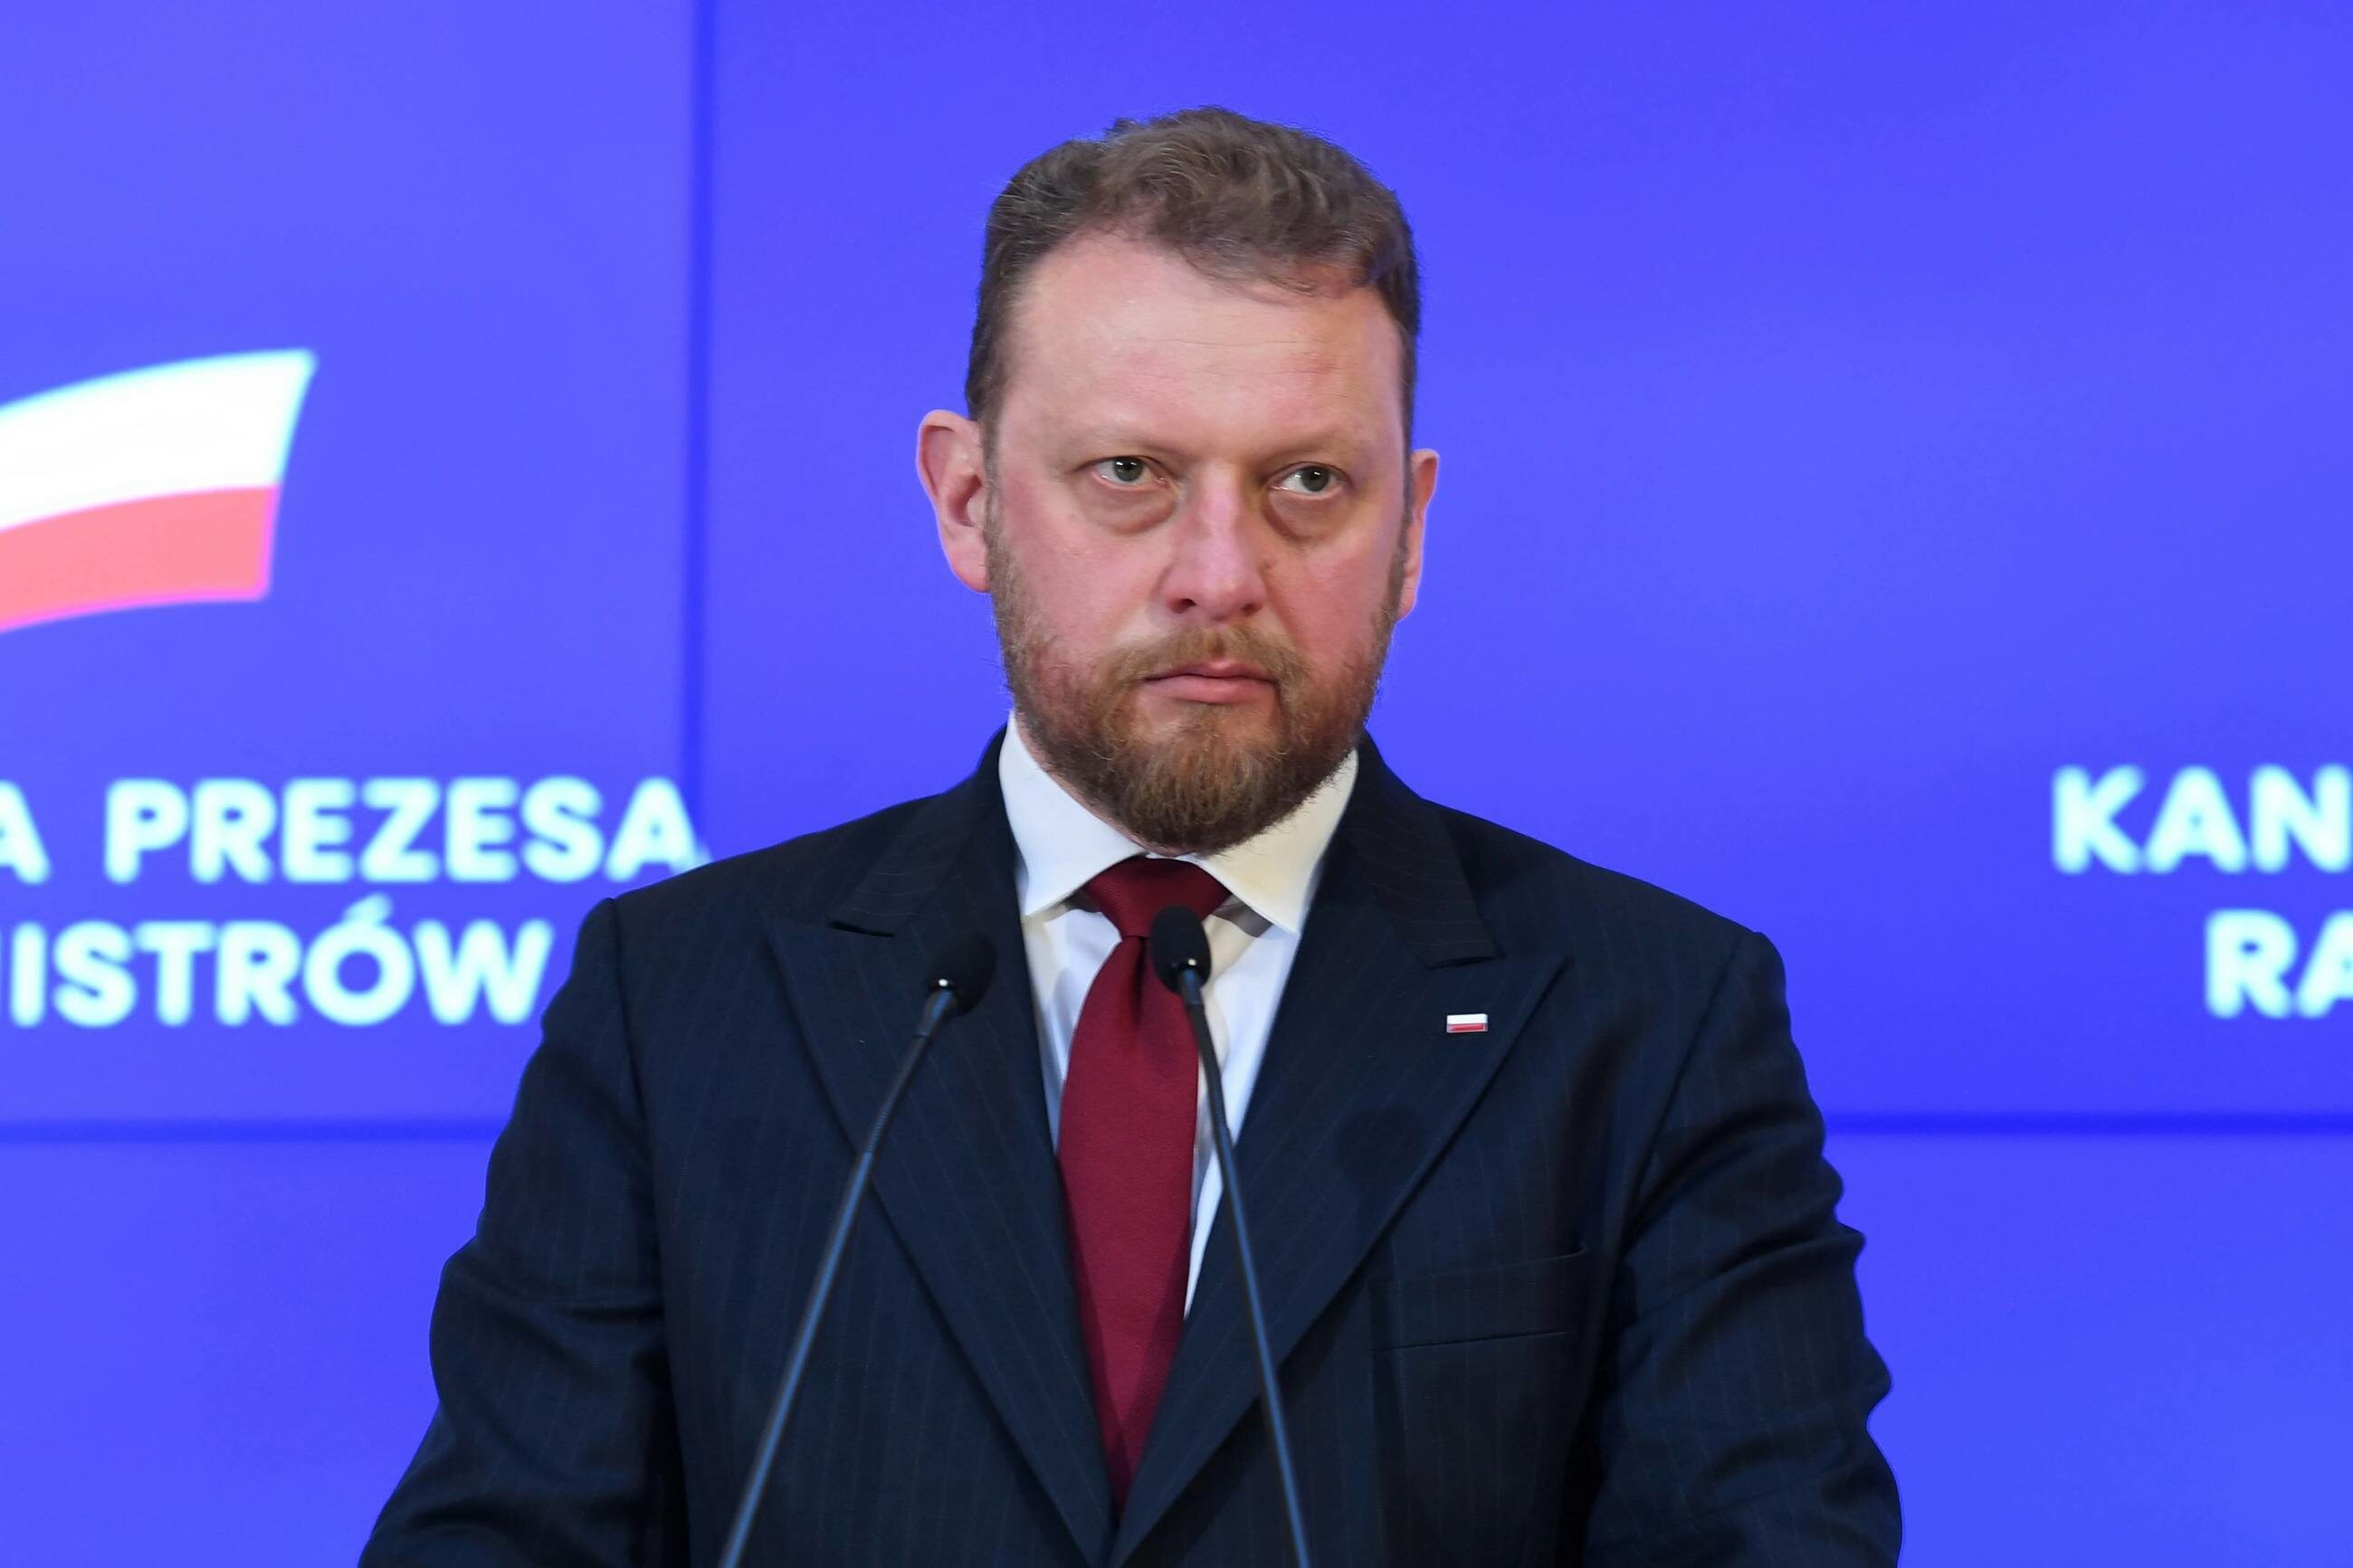 Łukasz Szumowski podczas konferencji w KPRM